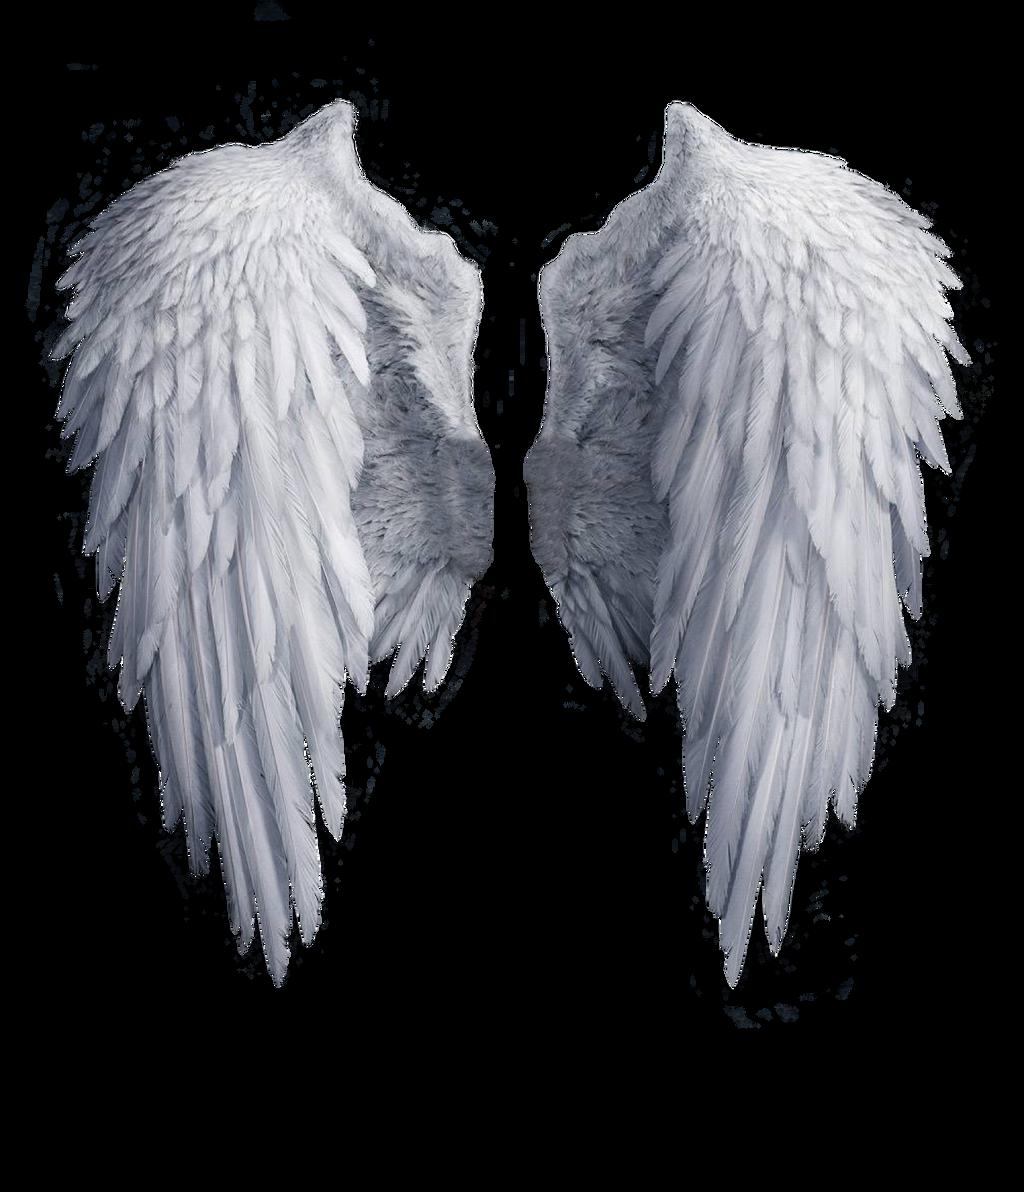 Alzando el vuelo Angel_wings_stock_png_by_shadow_of_nemo-d7j2t68